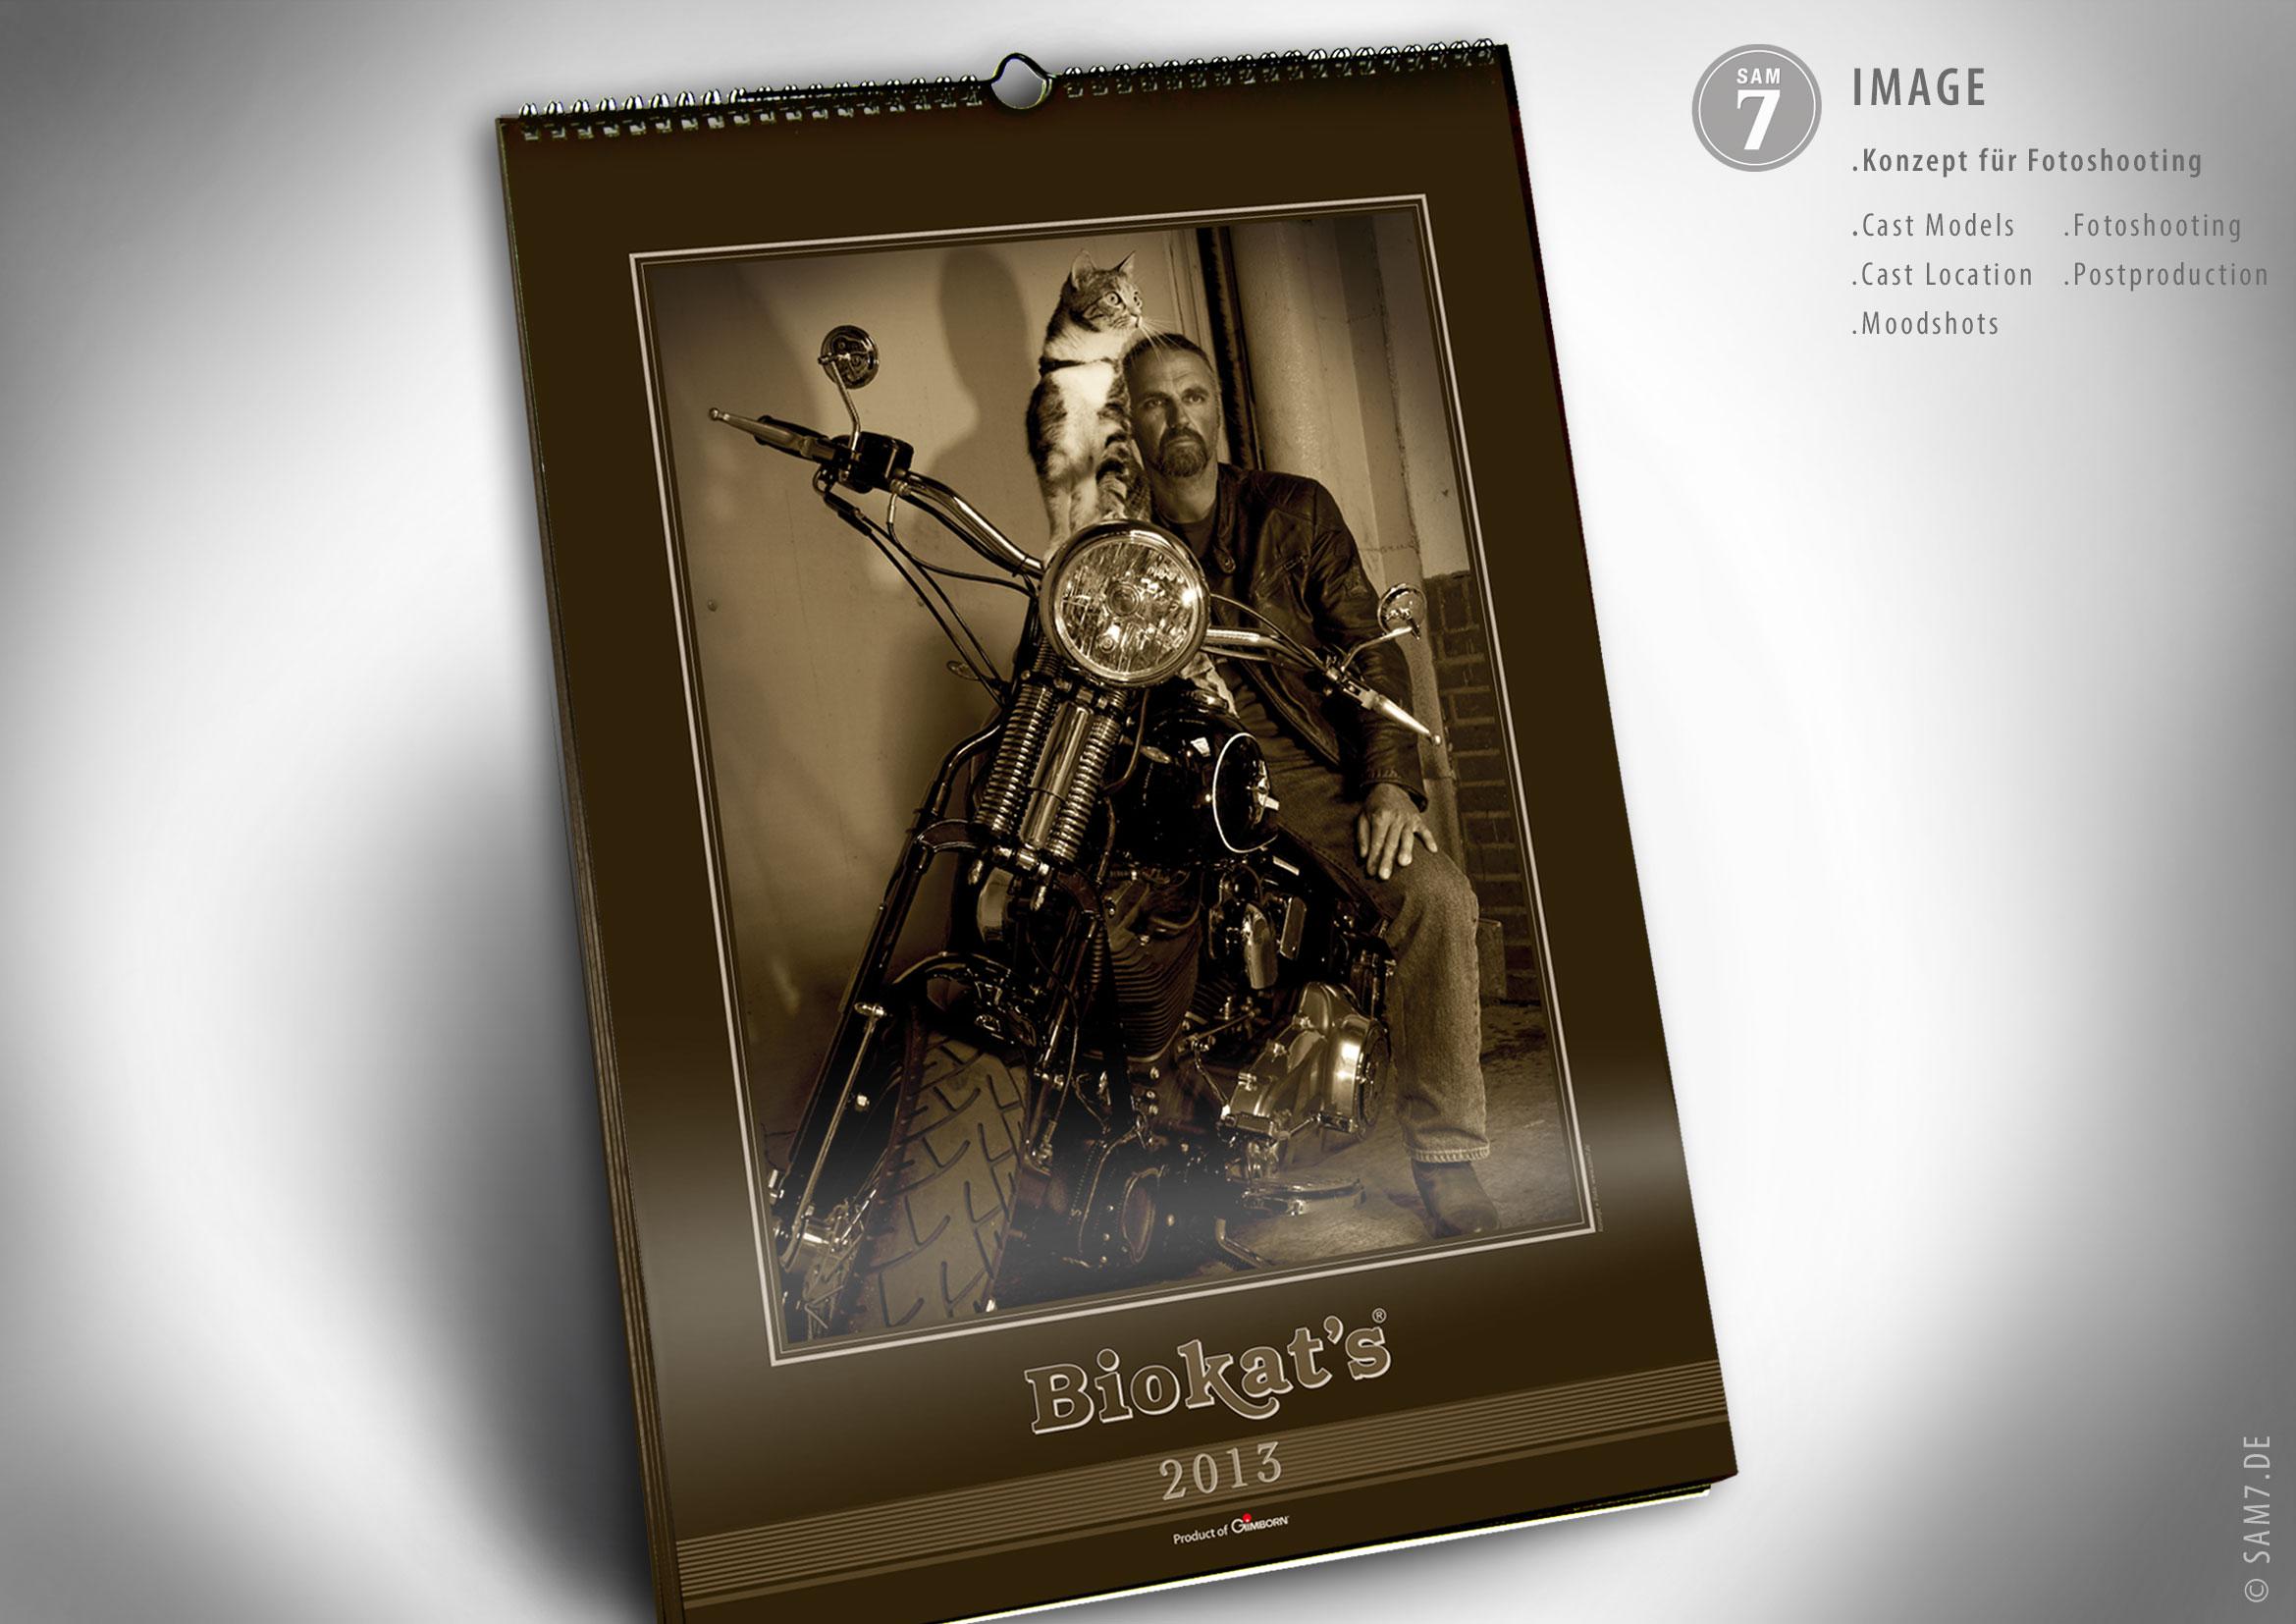 Image Fotografie. Kalender.